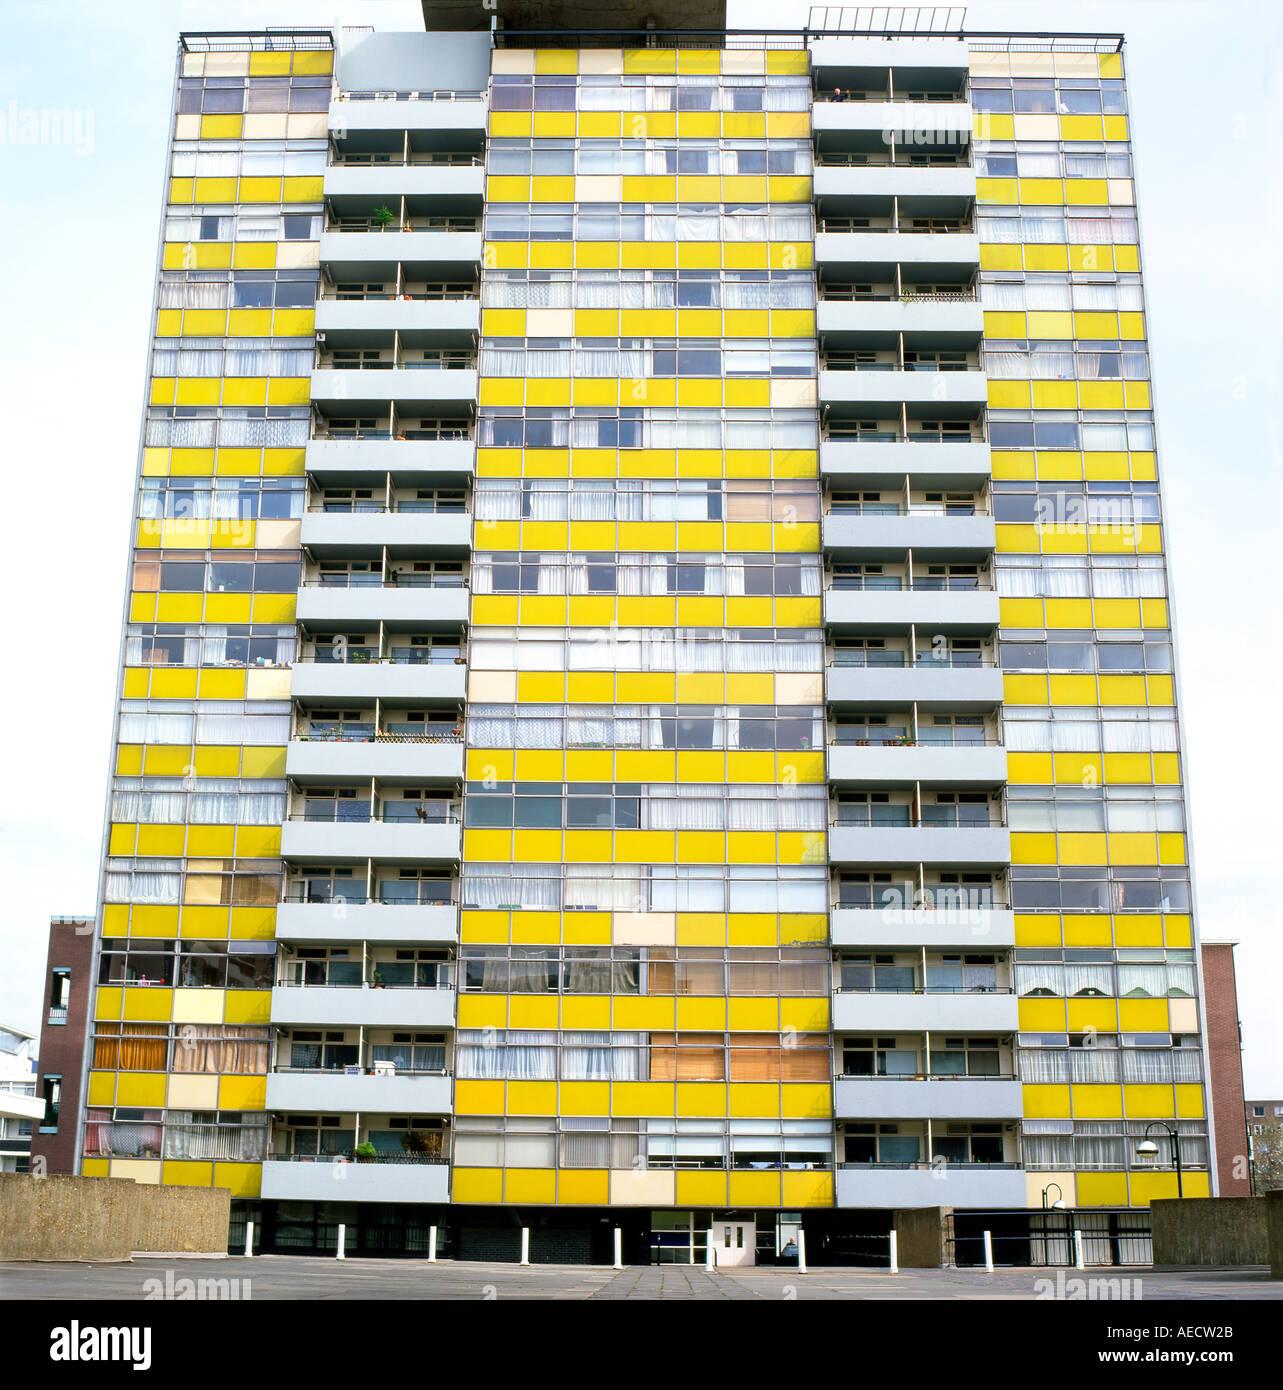 Vista exterior de gran Arthur Casa apartamento aprovechando la Golden Lane Break antes de la restauración de la fachada de la ciudad de Londres EC1 UK KATHY DEWITT Imagen De Stock